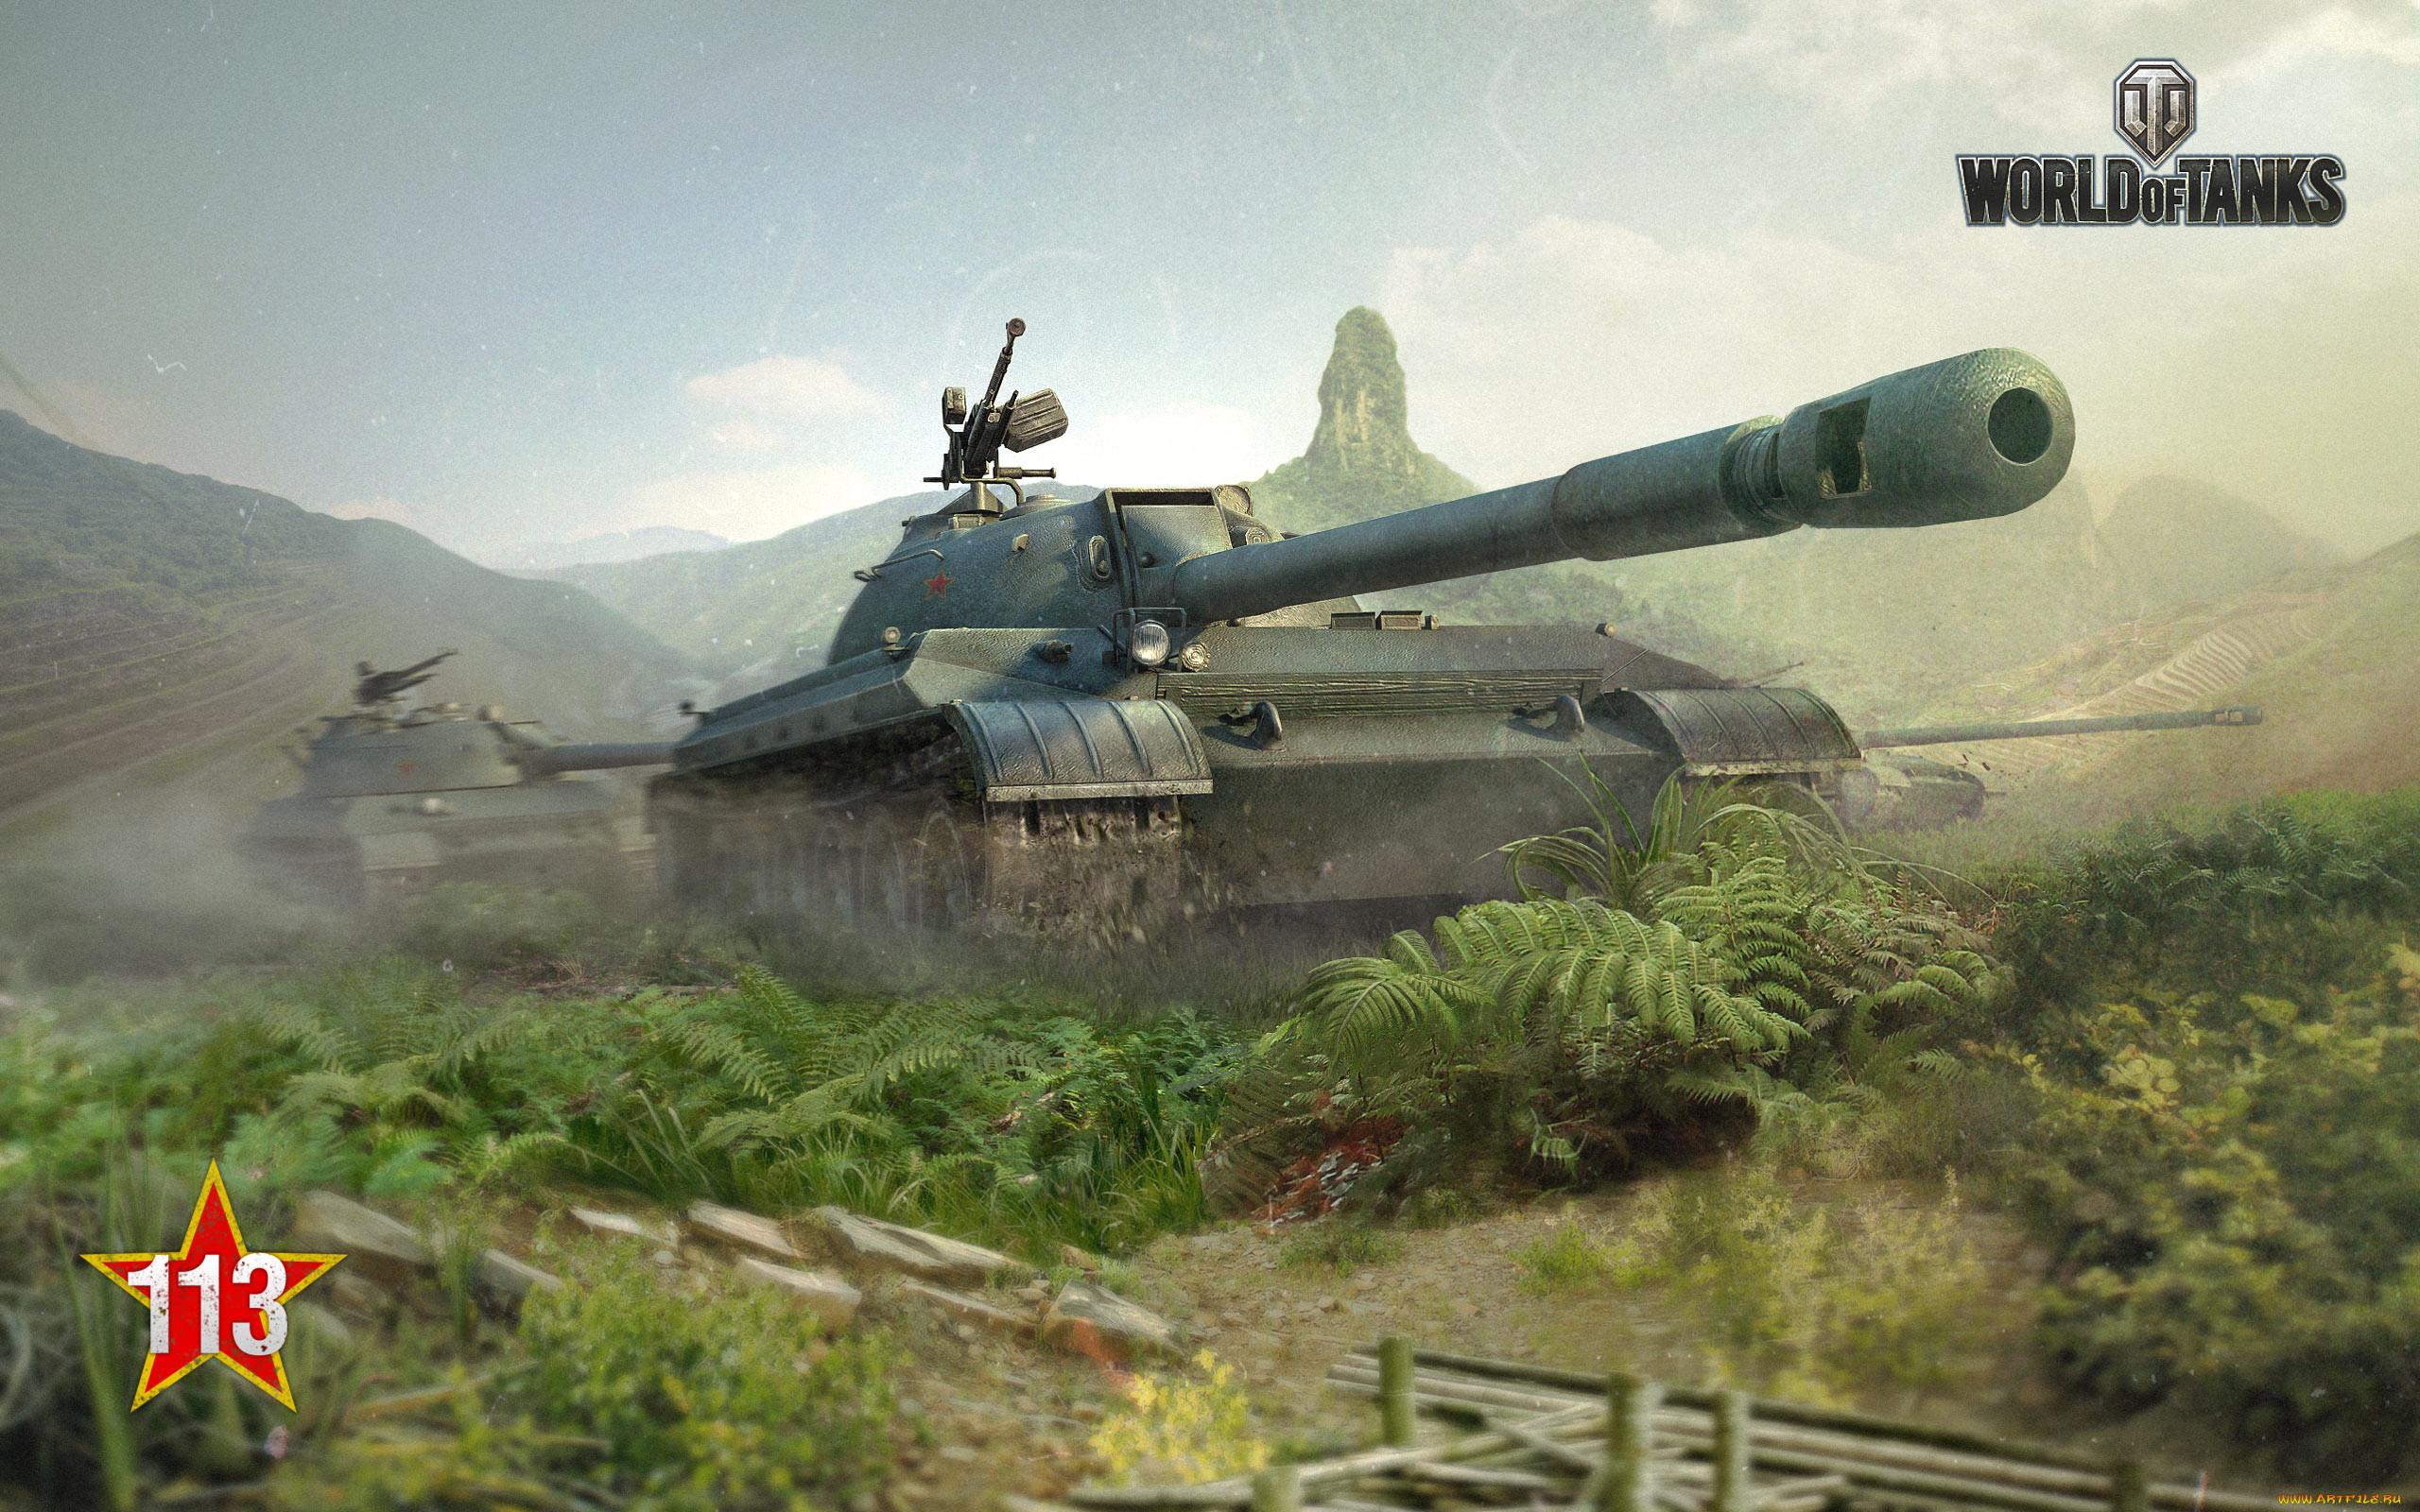 Скачать обои для рабочего стола танки world of tanks 9